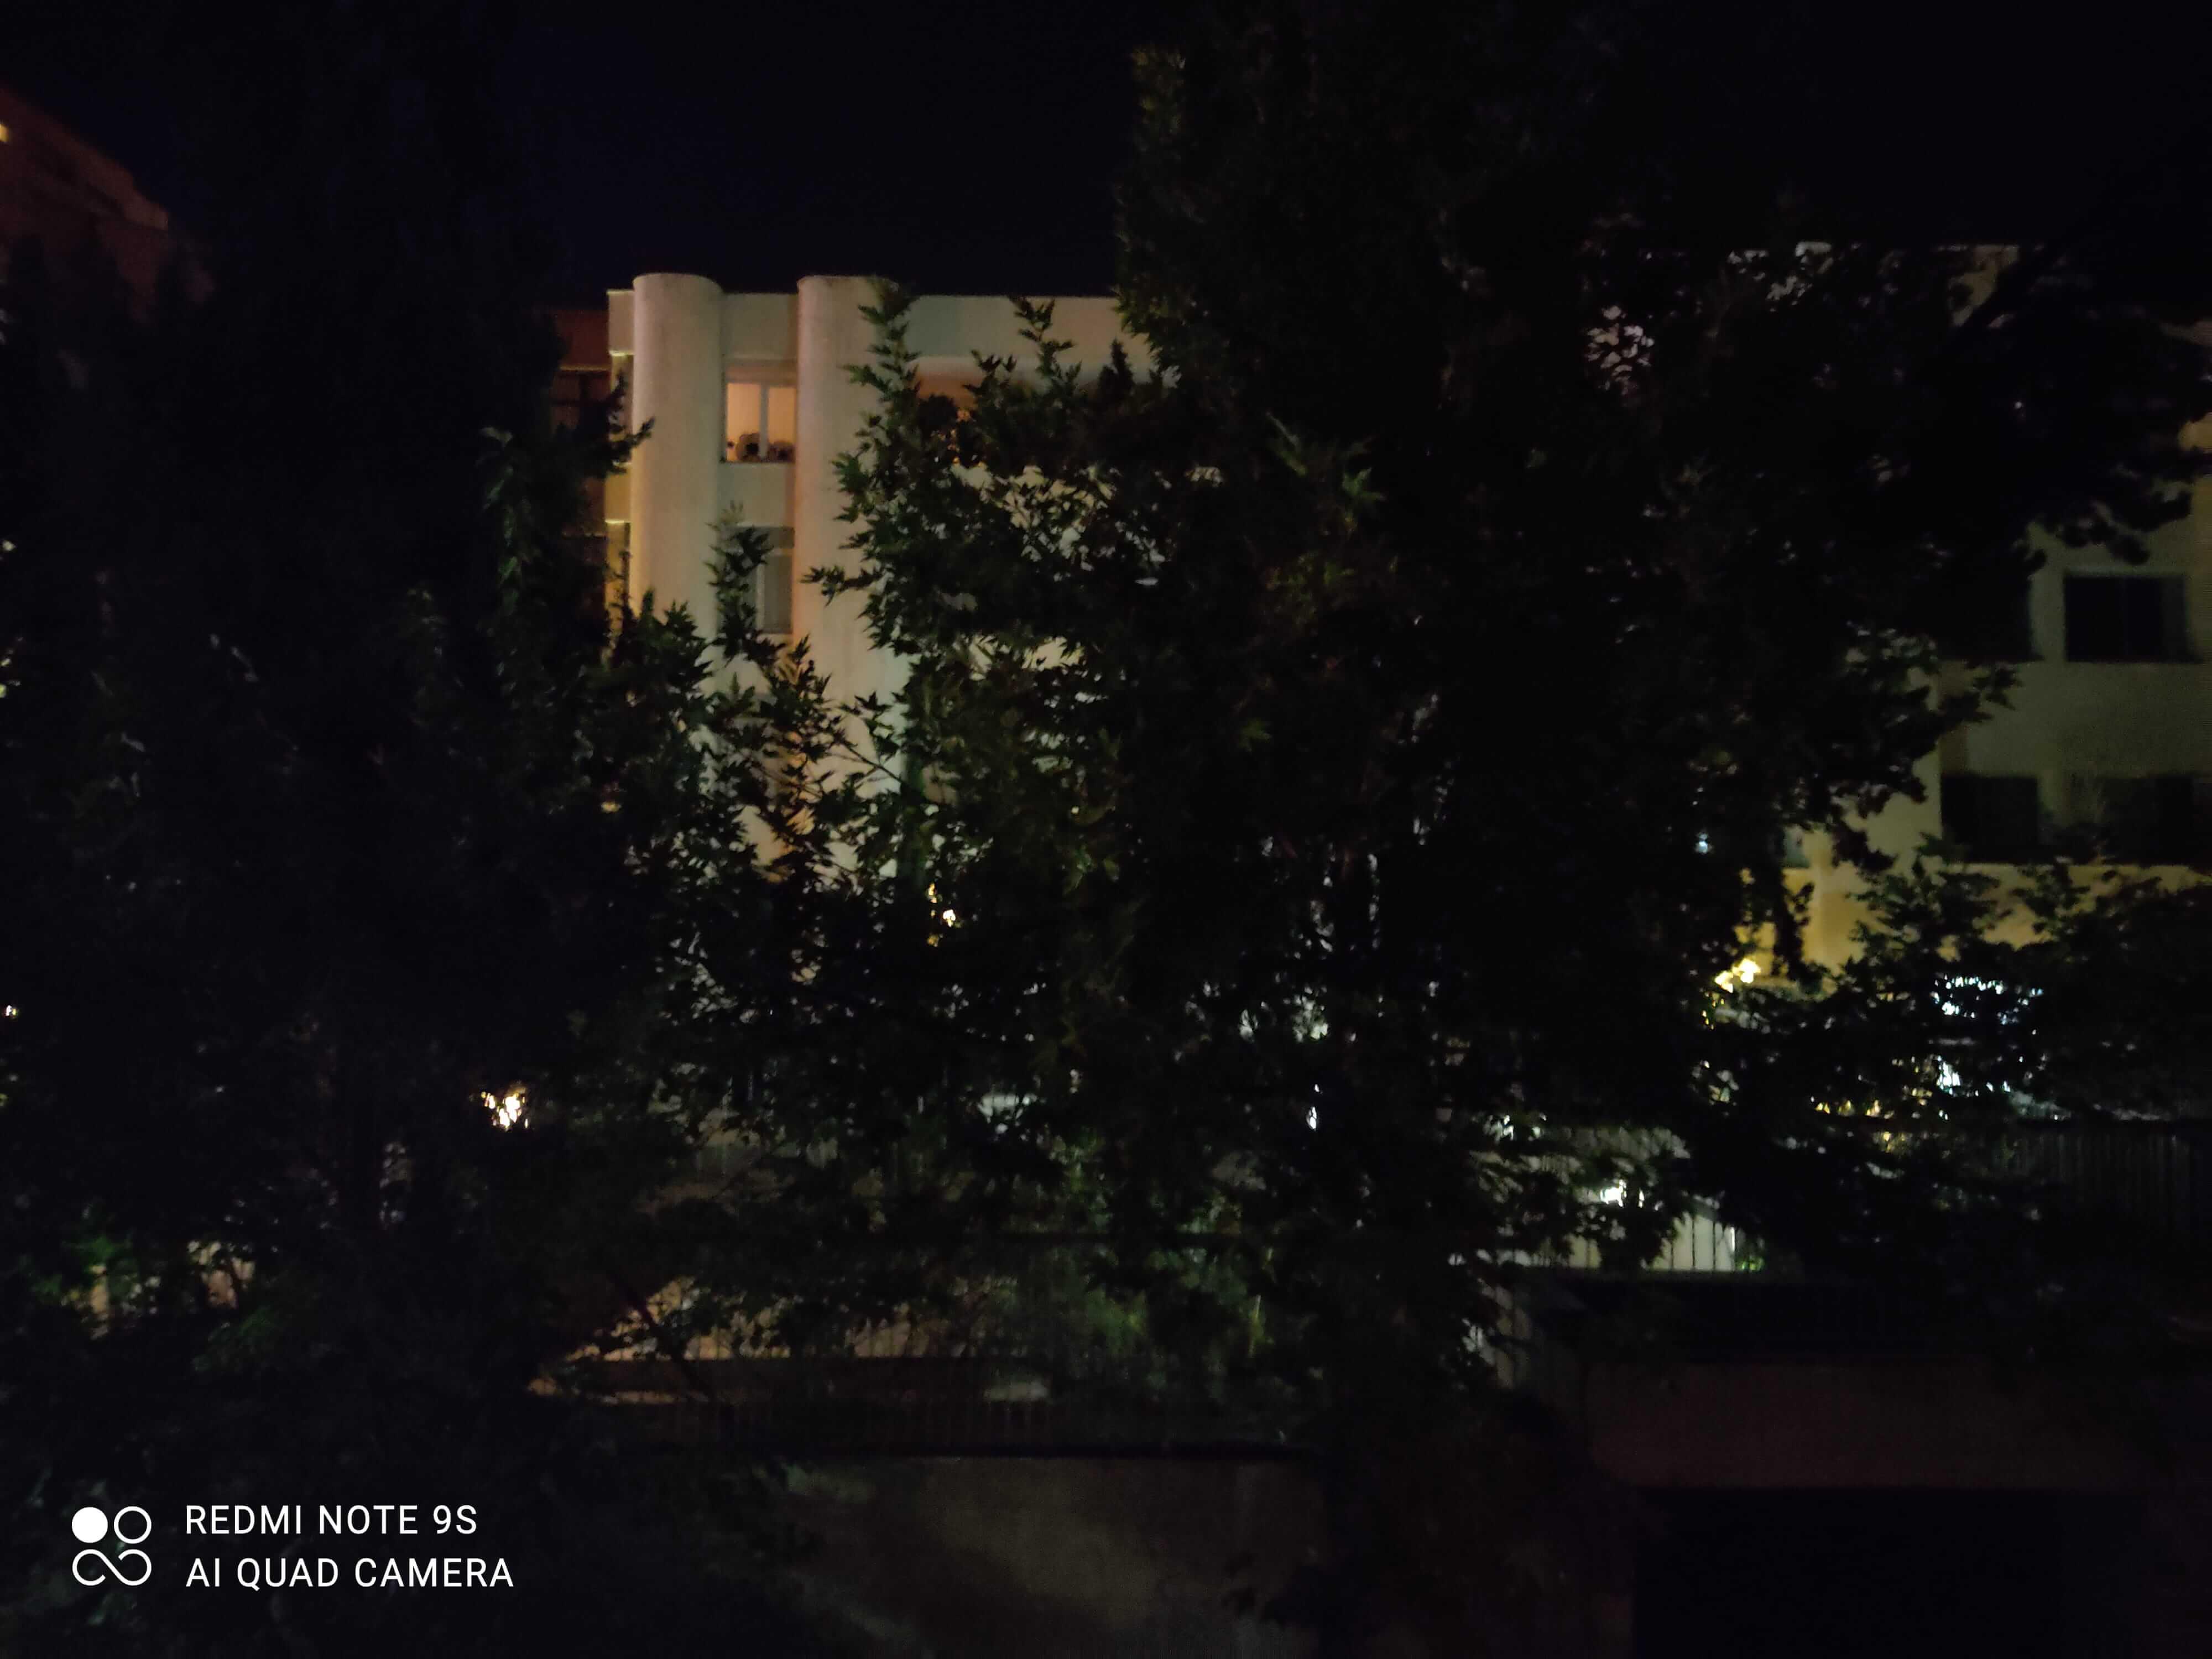 عکاسی در شب با ردمی نوت 9 اس